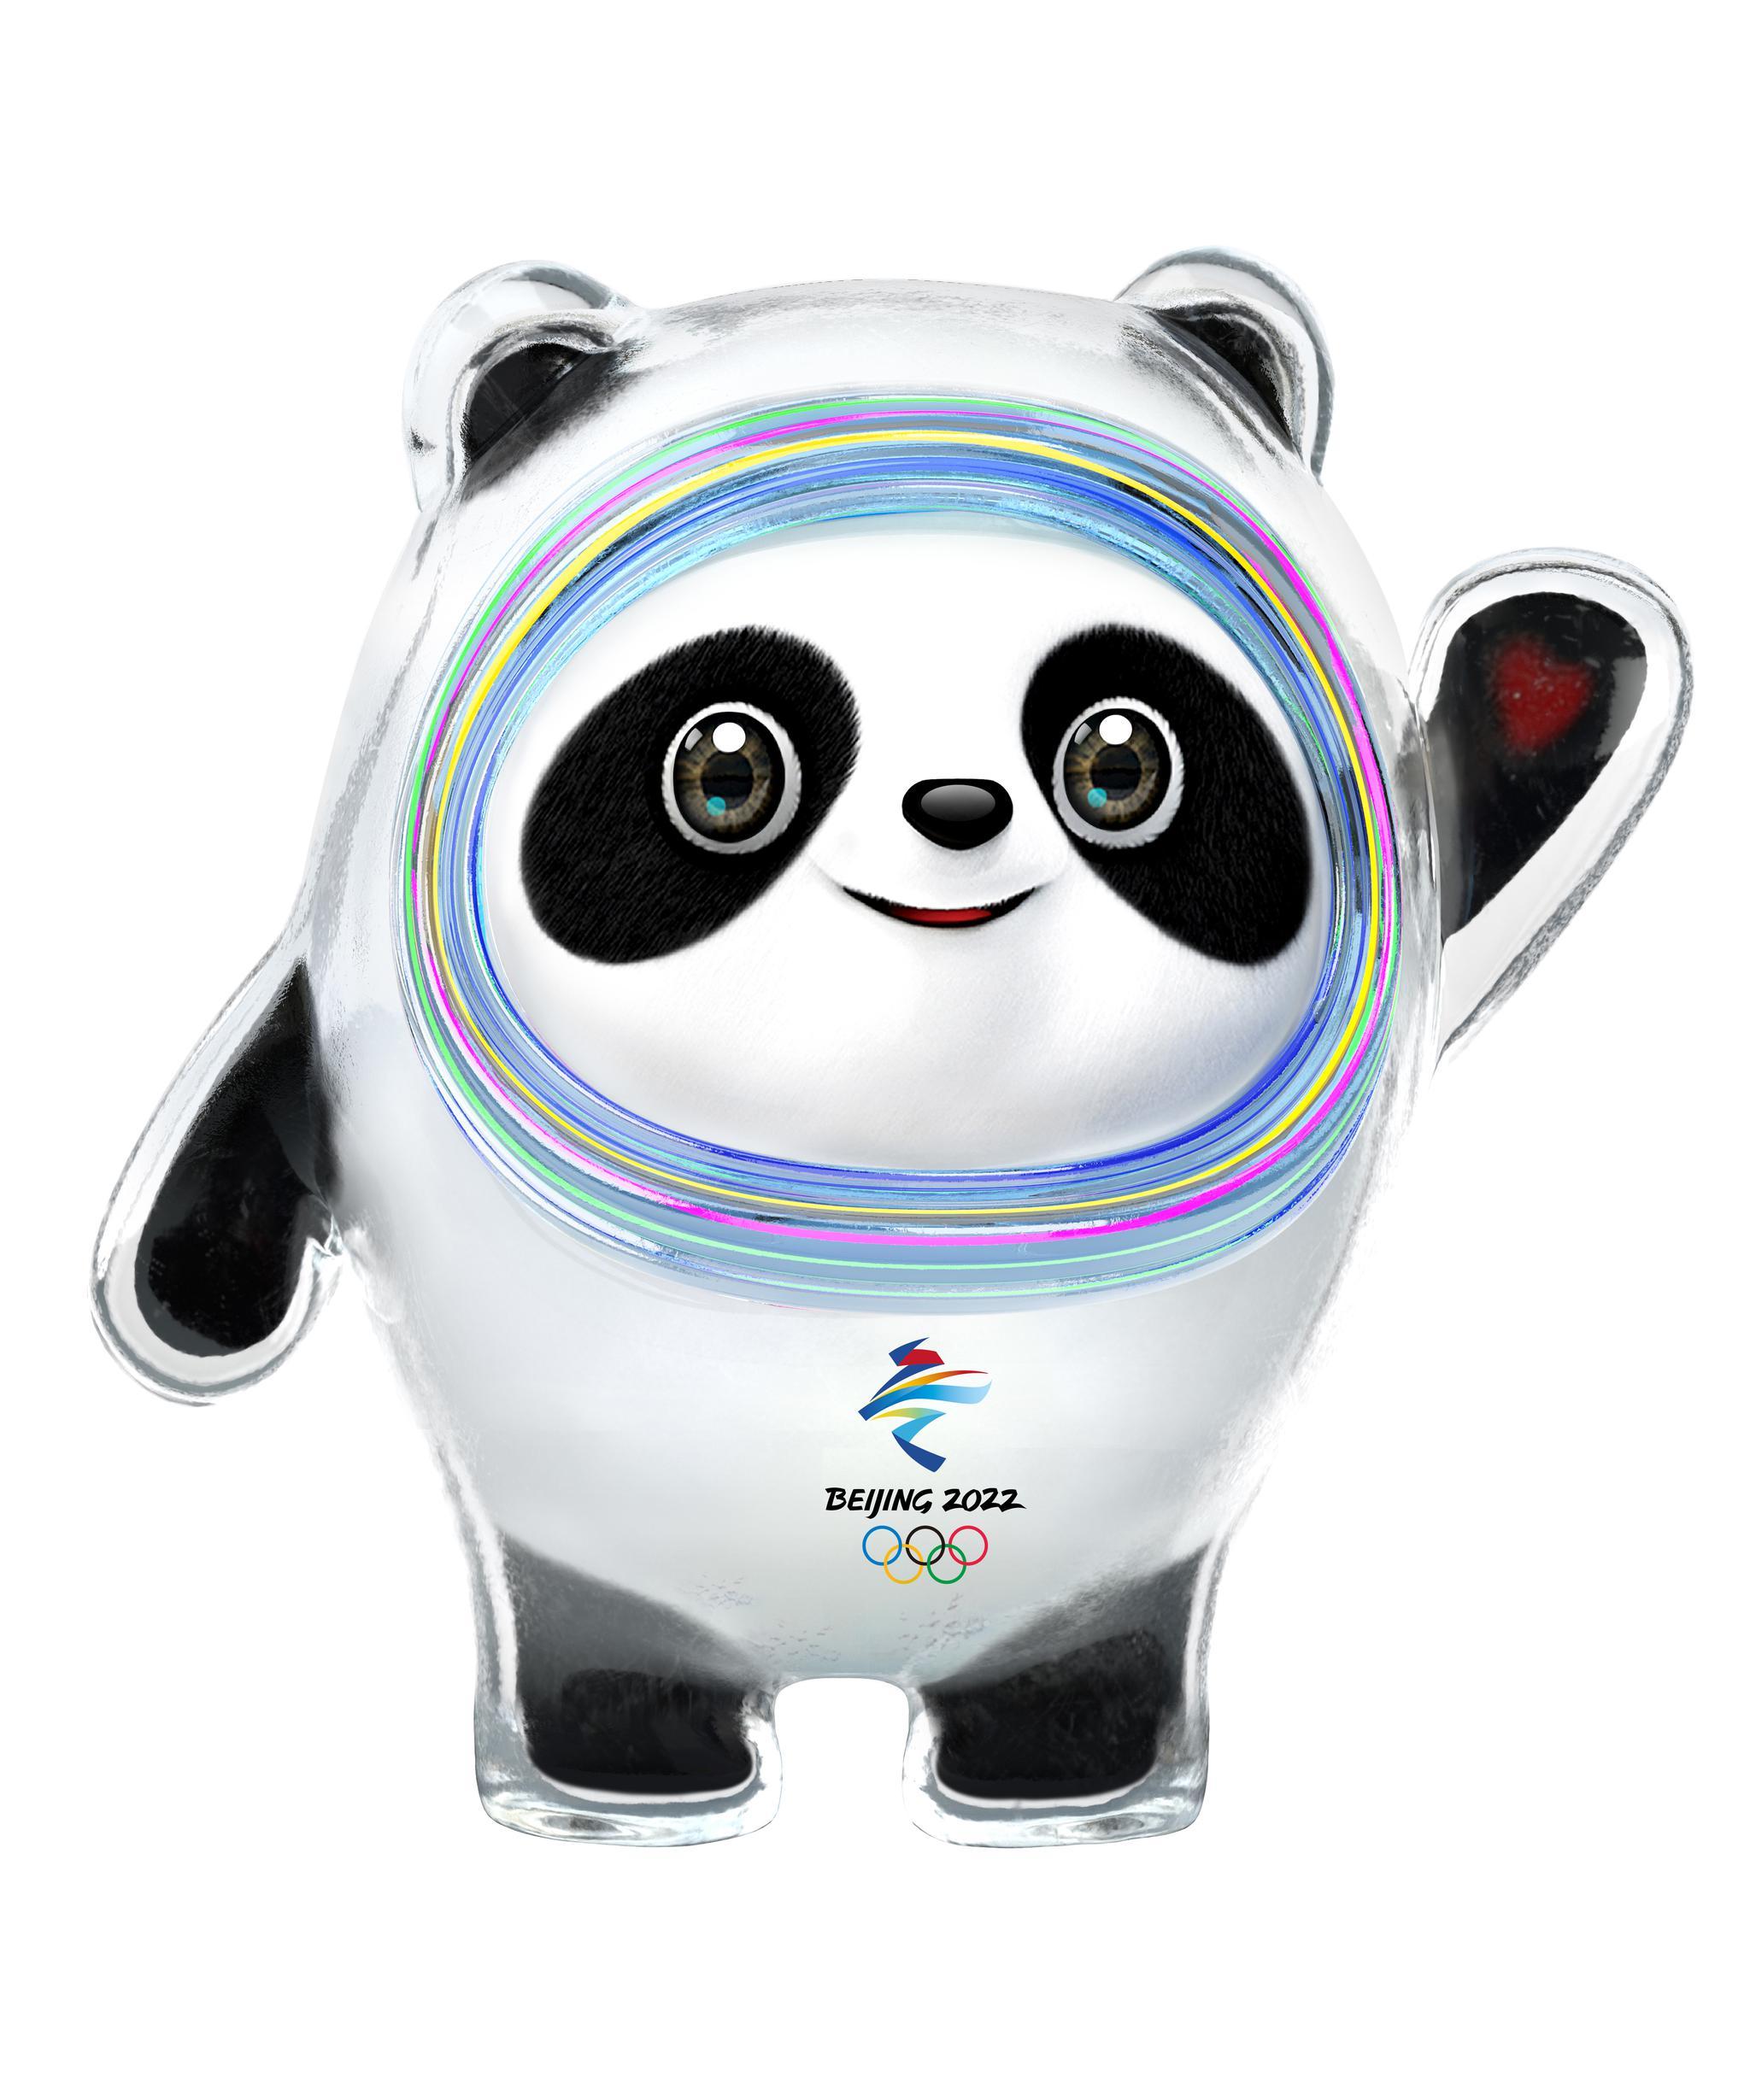 """高清图!北京2022年冬奥会吉祥物—""""冰墩墩"""""""